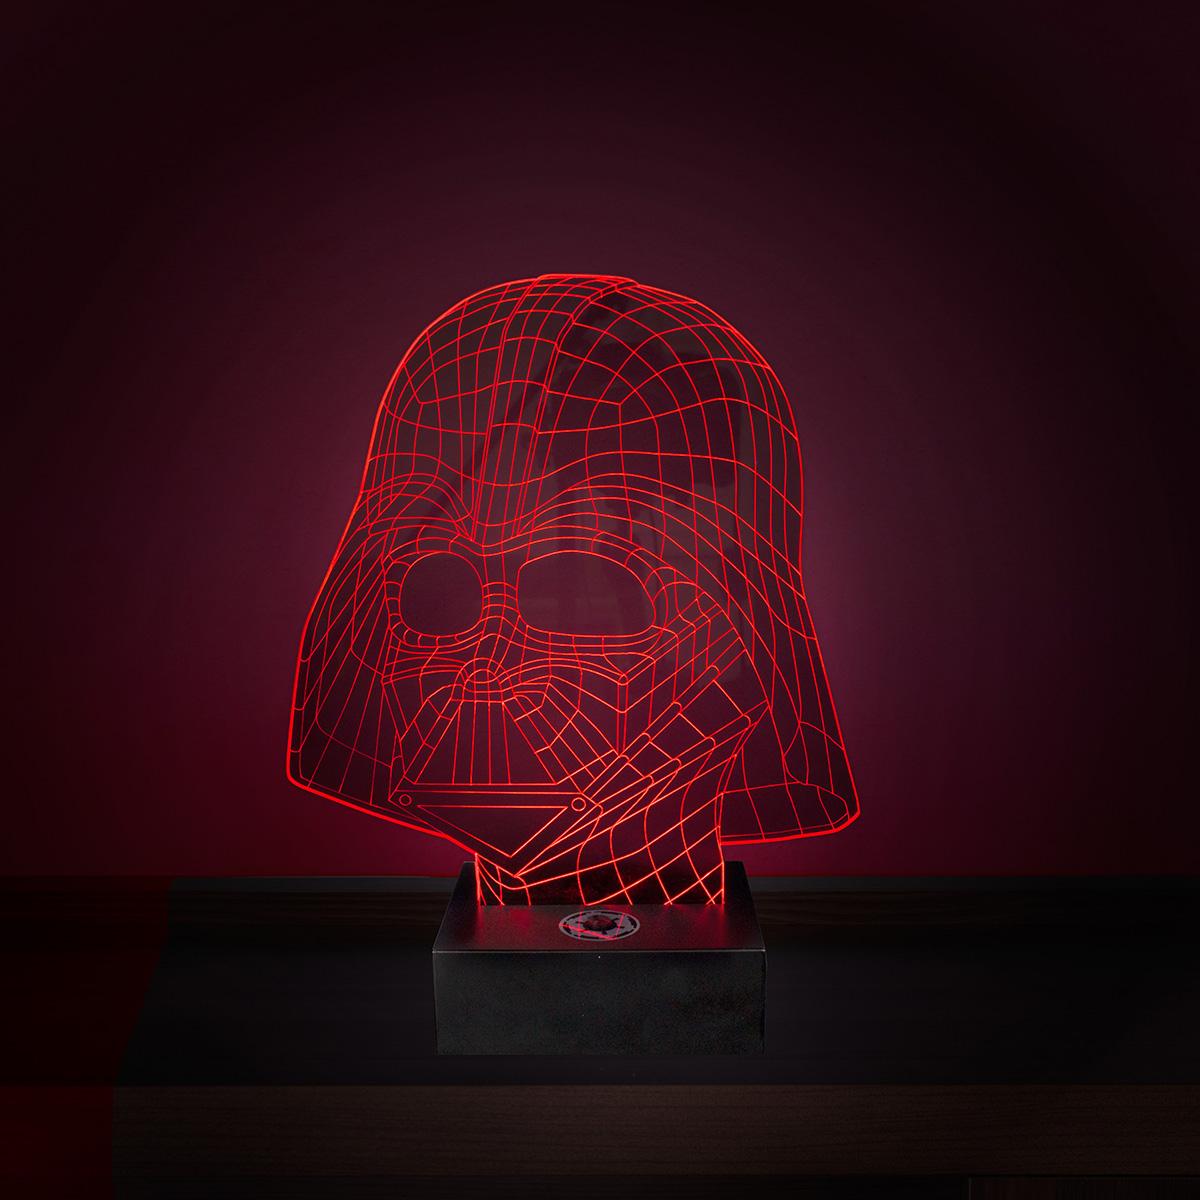 Star Wars Darth Vader Leuchte mit 3D Effekt